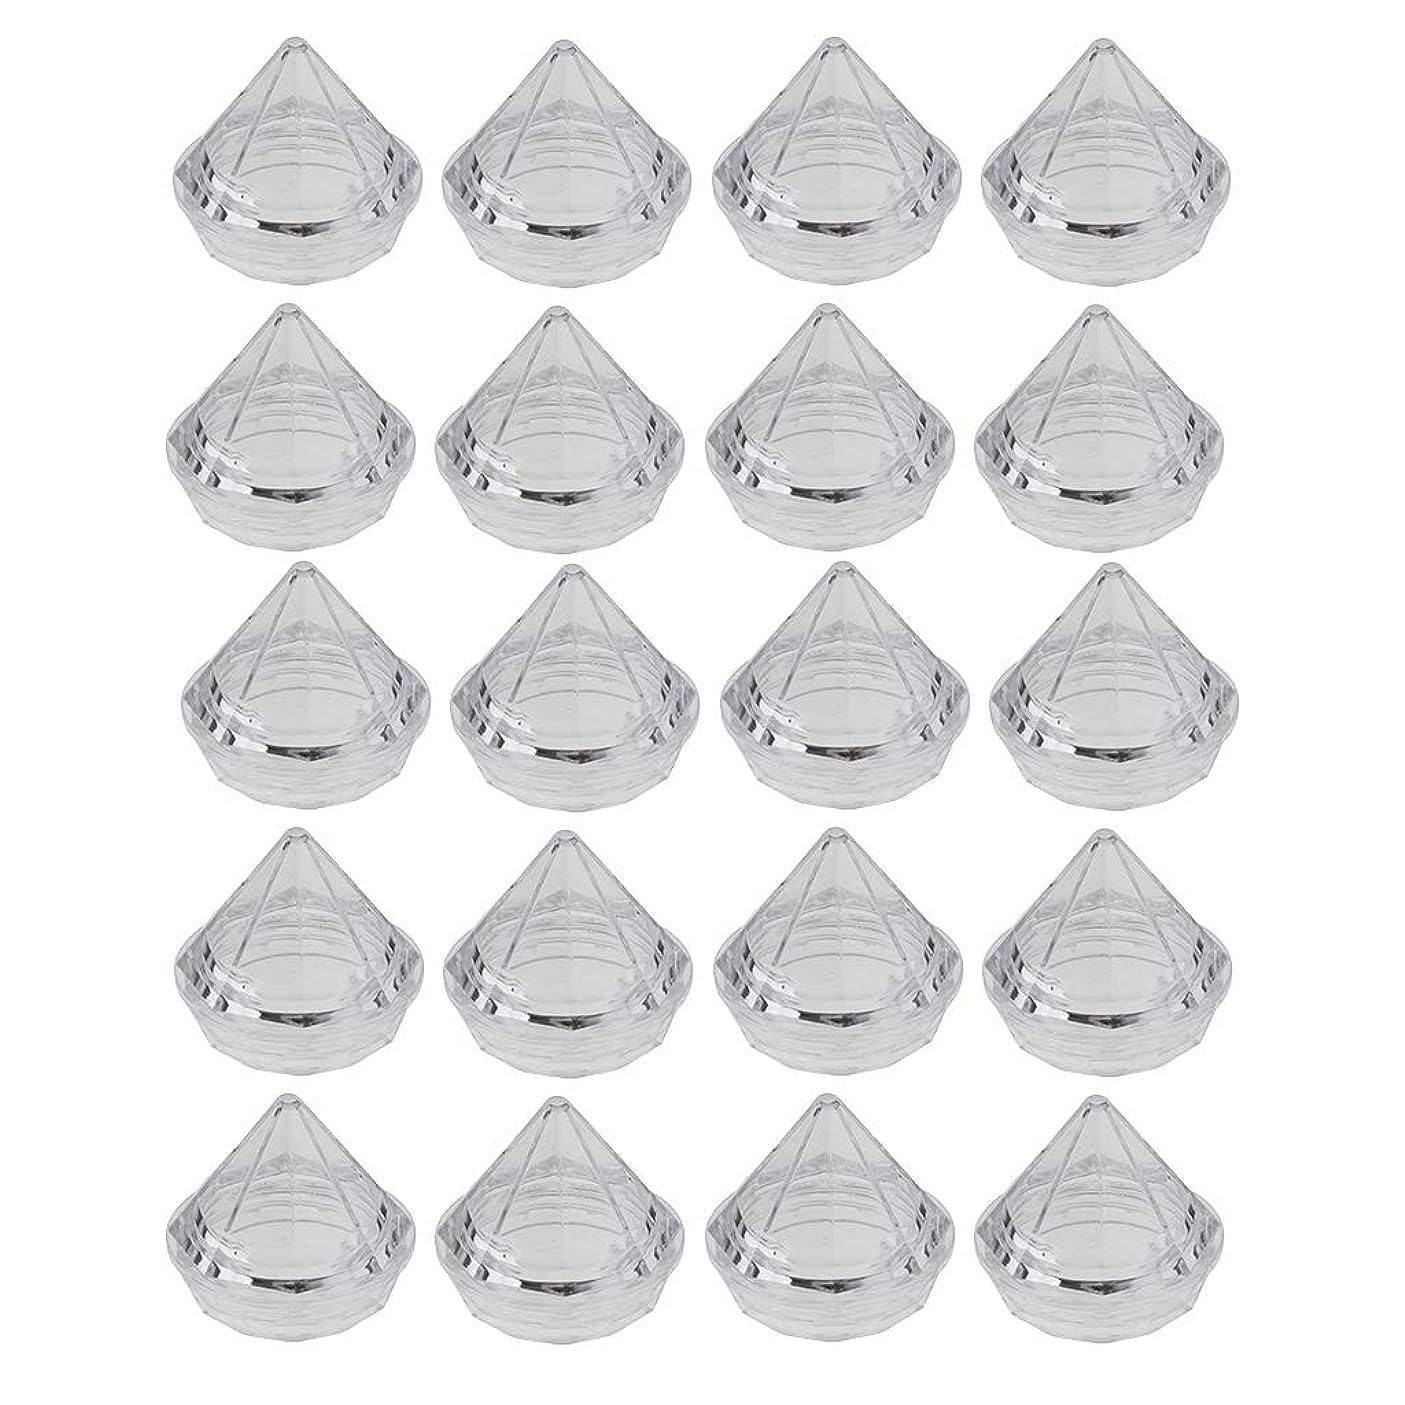 ランク取り扱いセンサーCUTICATE 20個入 5g プラスチック製 空のサンプルボックス サンプルポット 詰替え容器